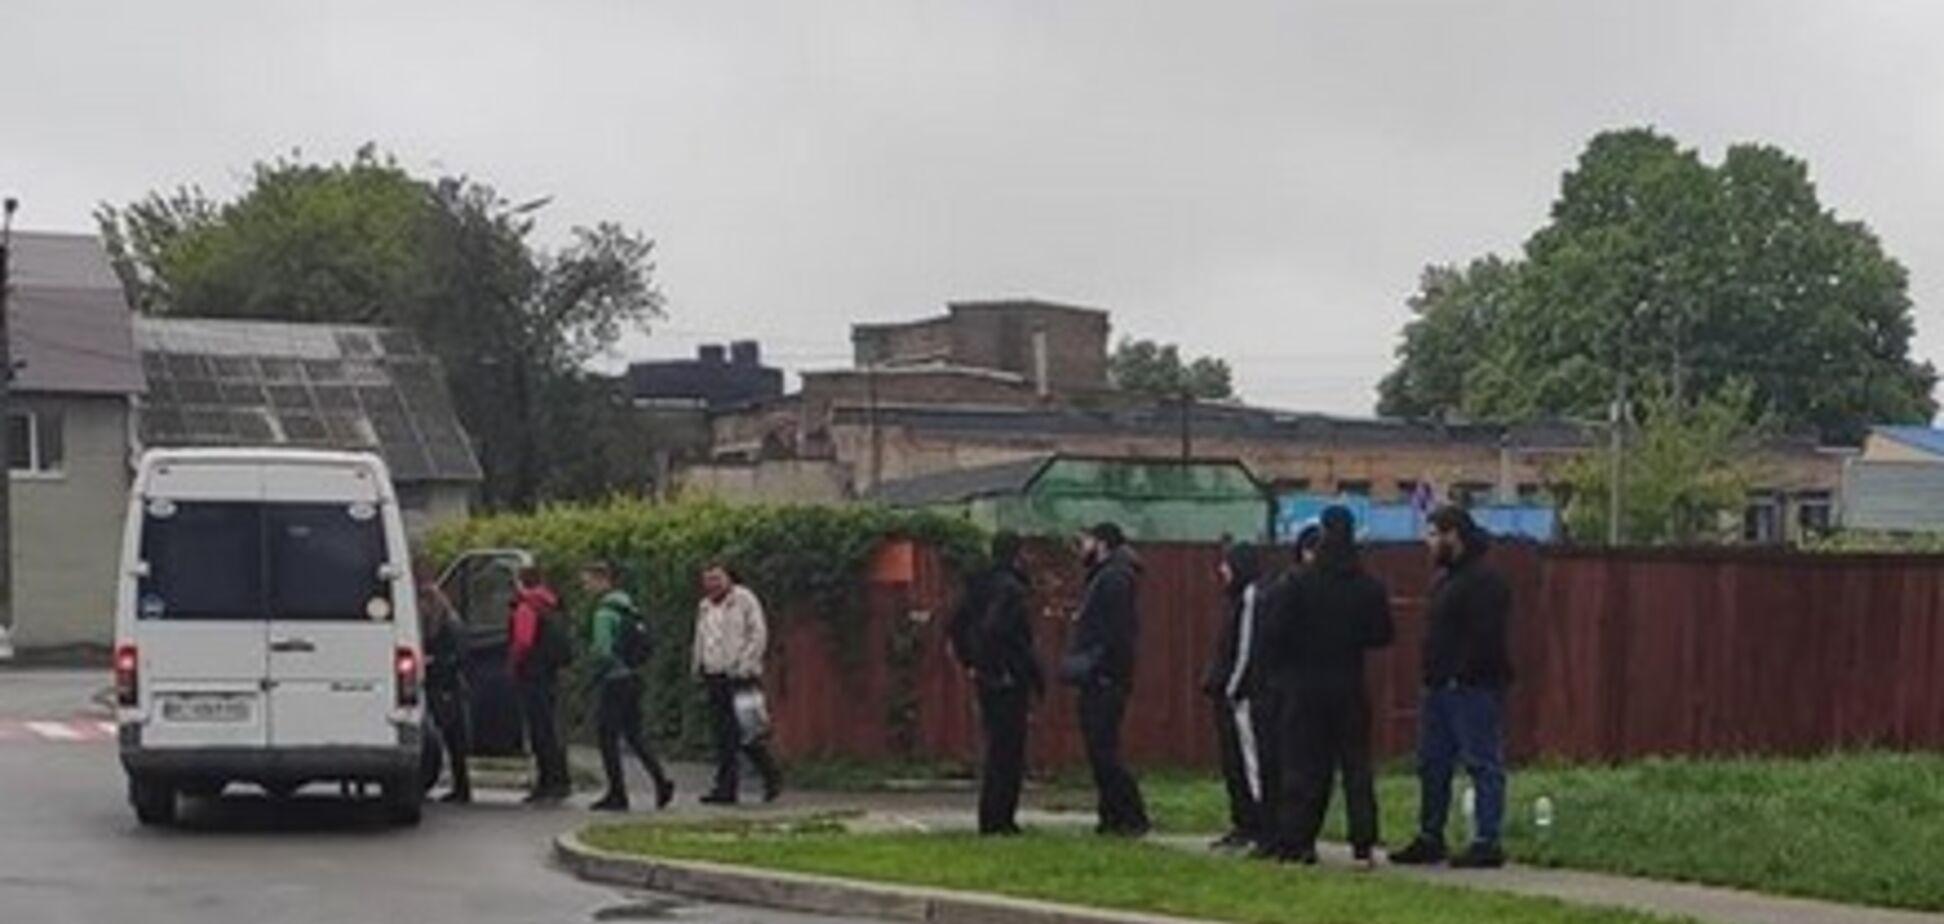 Титушки запугивали водителей маршруток в Броварах. Источник: Facebook Марии Мельниченко